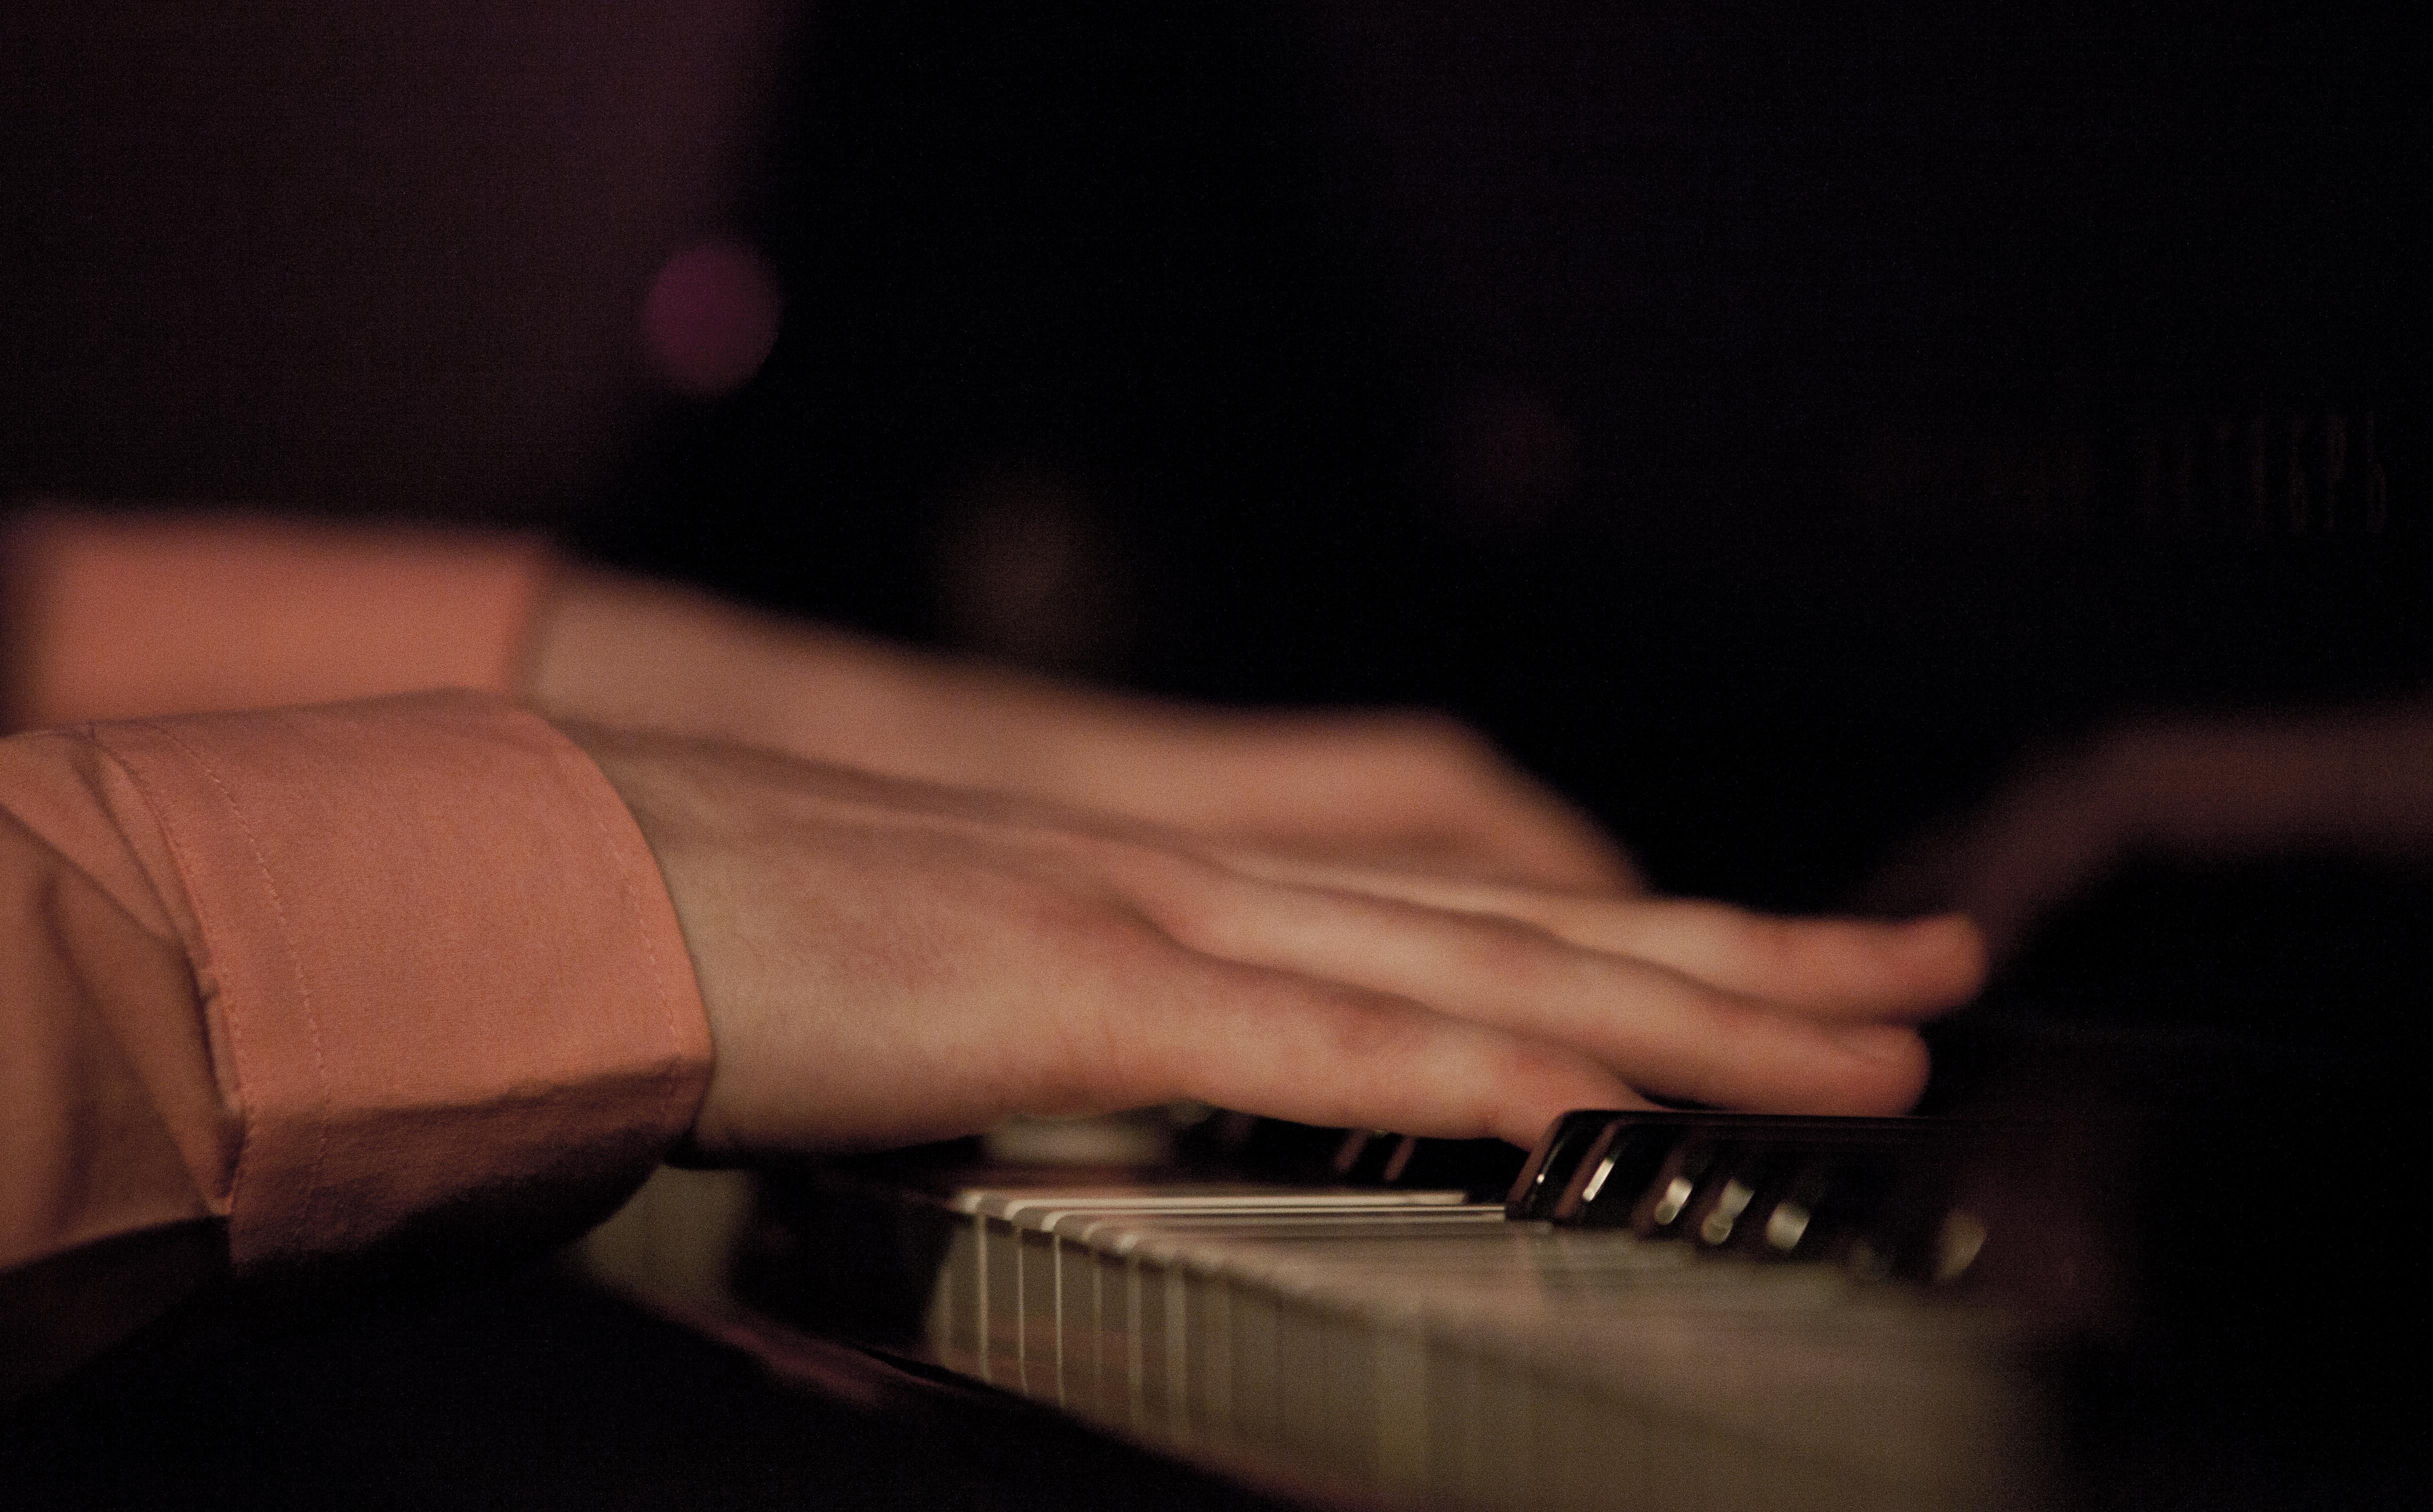 Фоторепортаж 66.ru: День рождения в стиле джаз